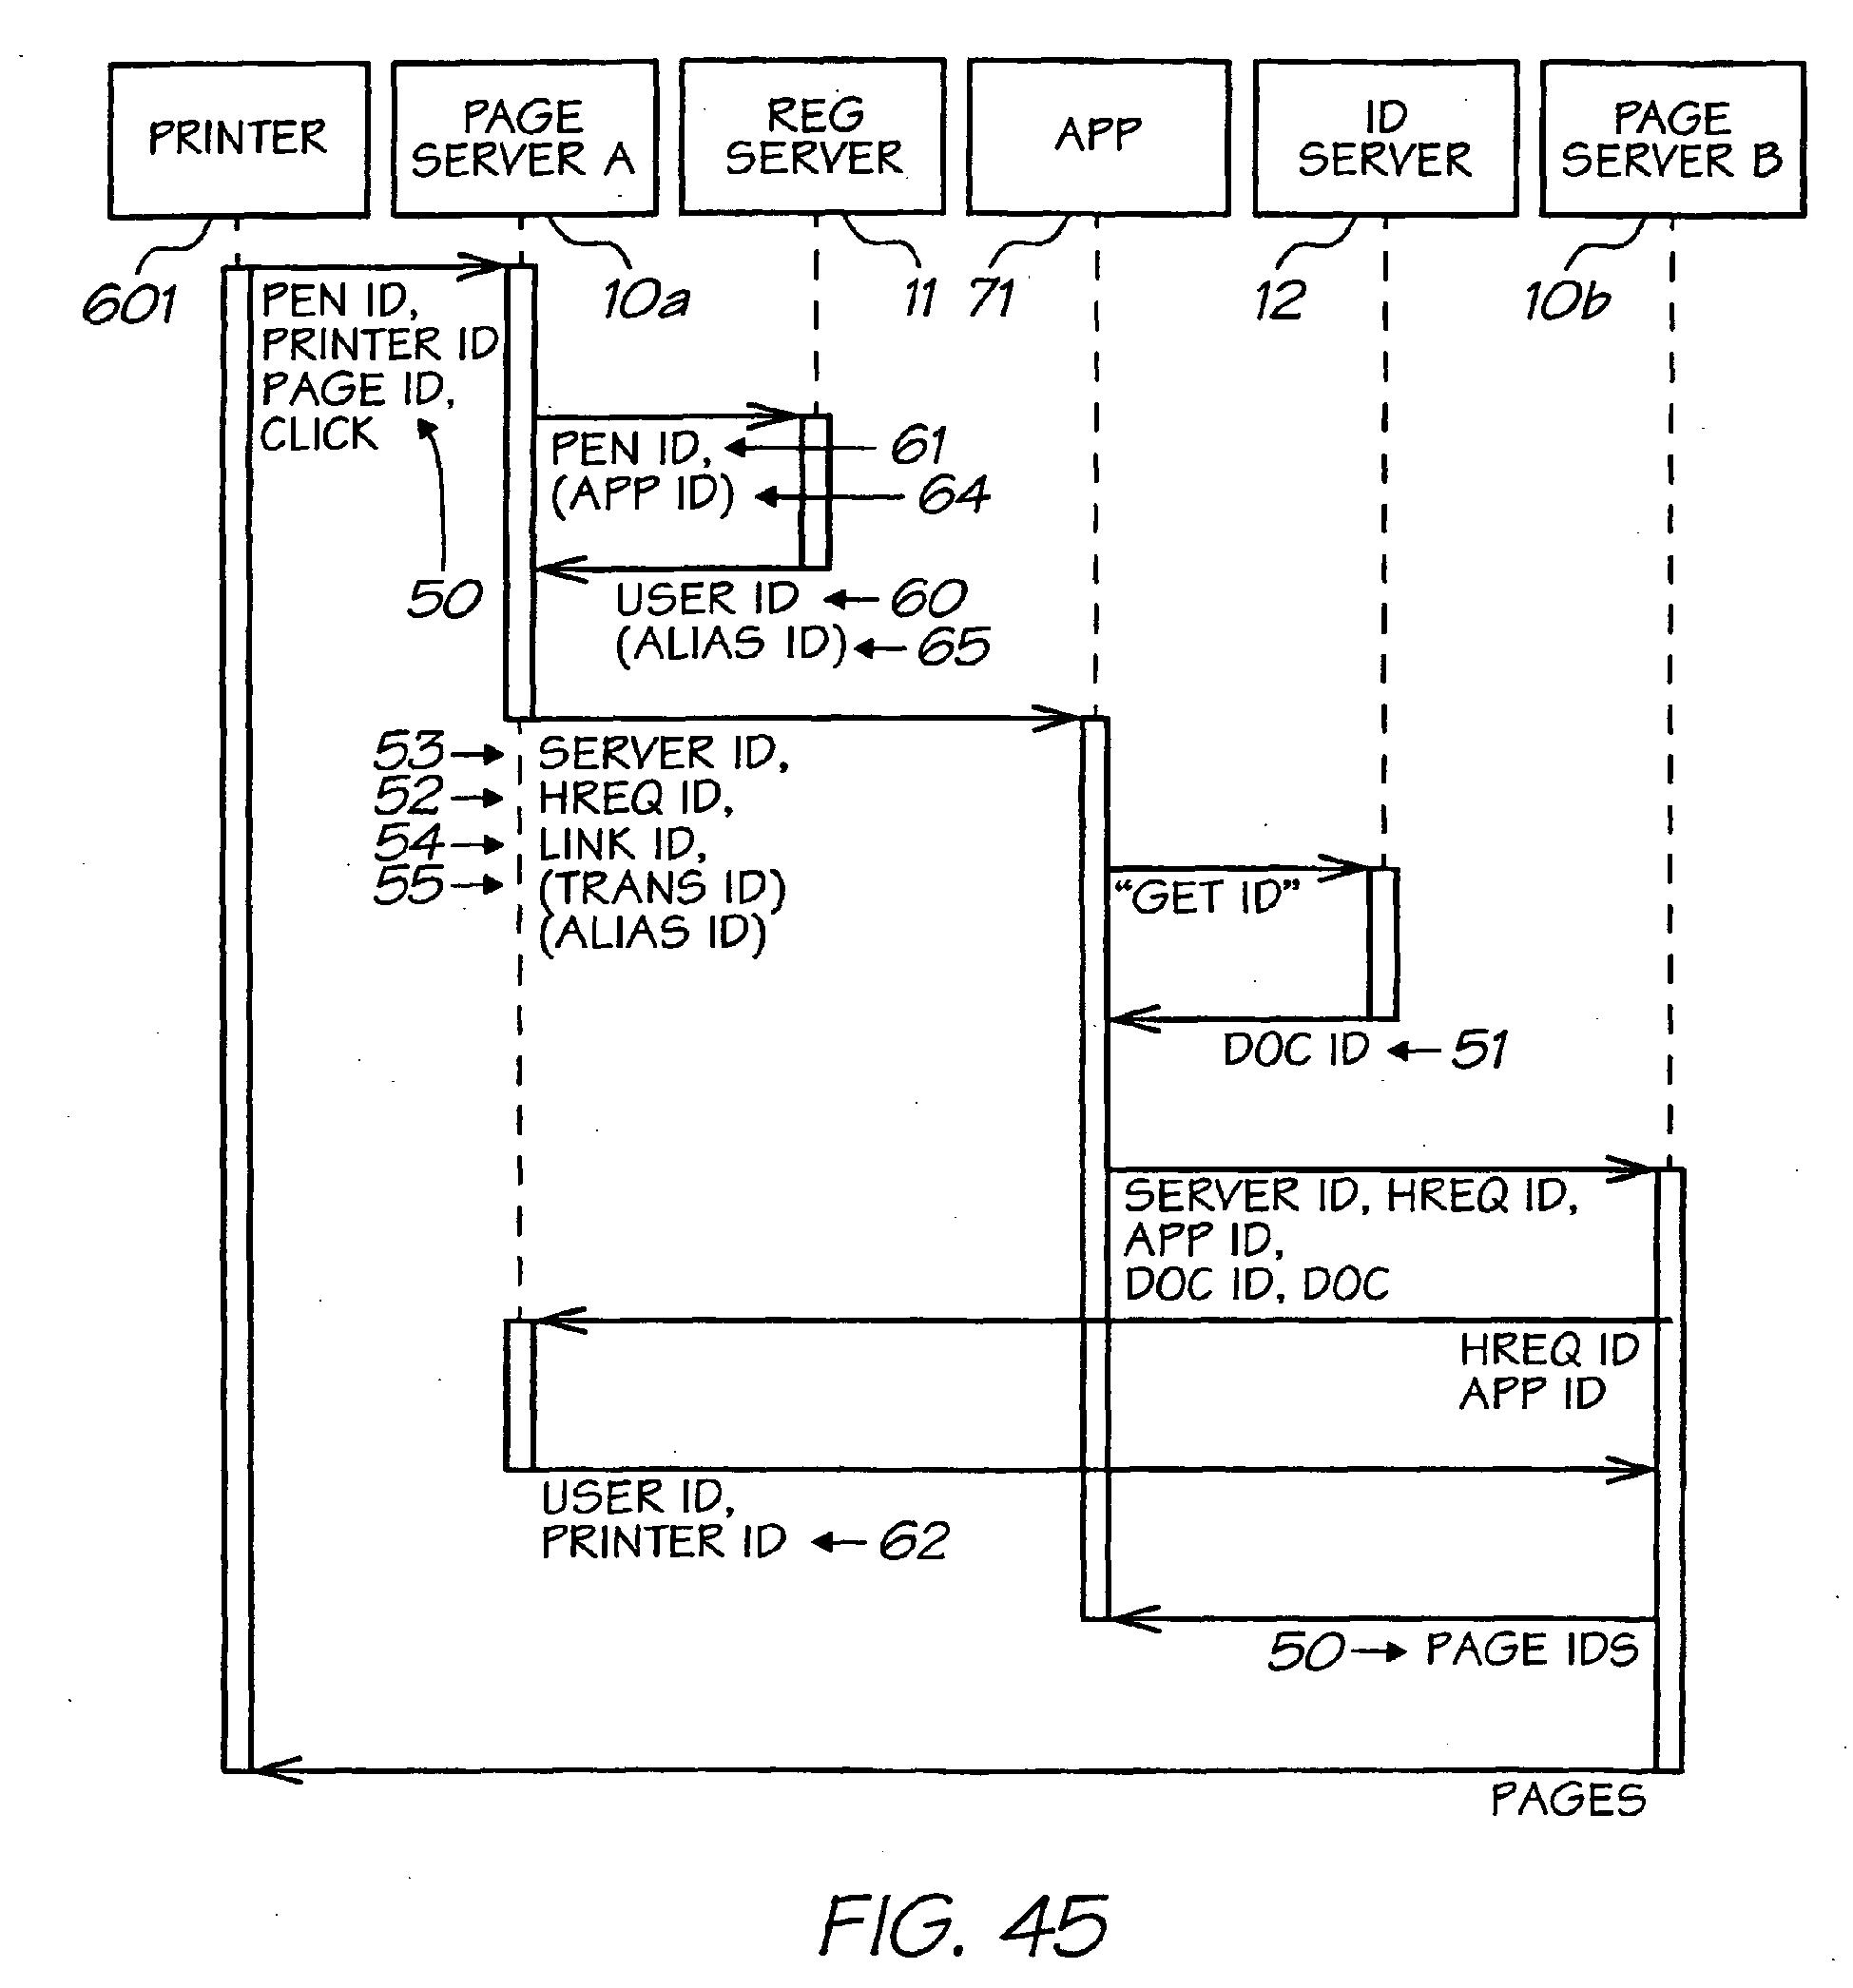 patent ep1230588b1 rechnersystemsteuerung durch schnittstellenoberfl che google patentsuche. Black Bedroom Furniture Sets. Home Design Ideas